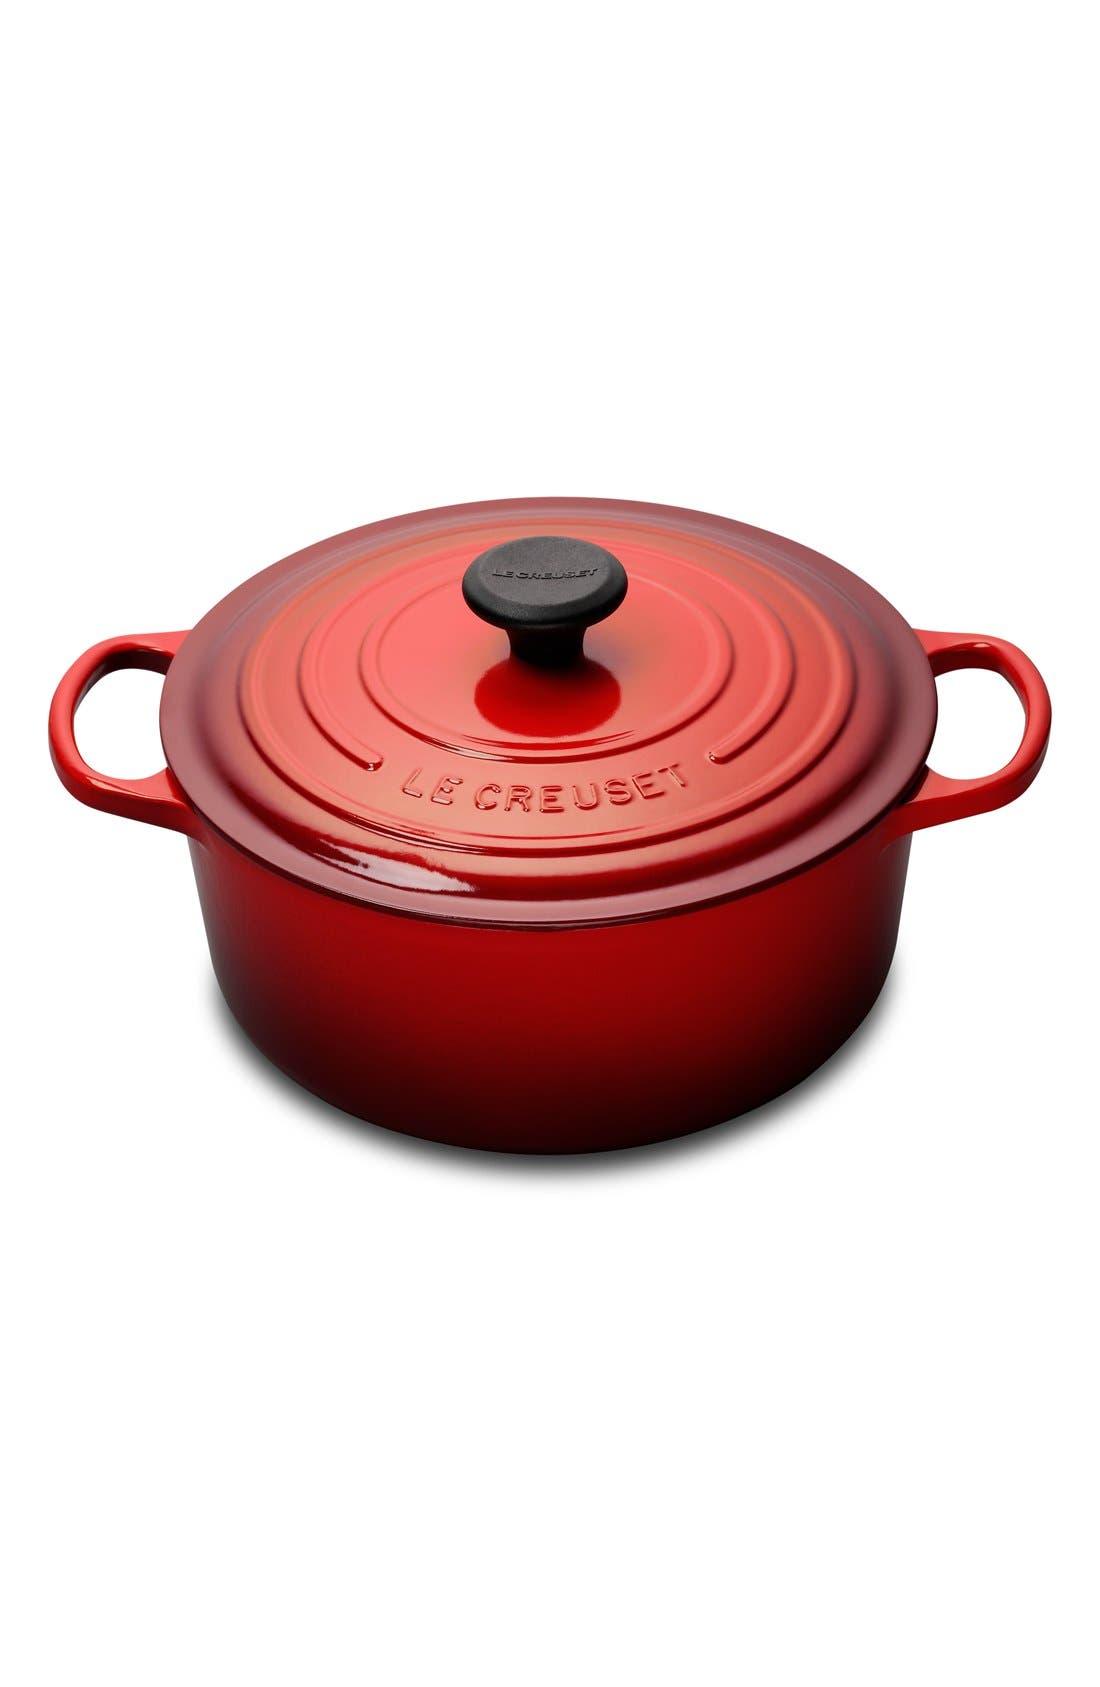 Le Creuset Signature 5 1/2 Quart Round Enamel Cast Iron French/Dutch Oven